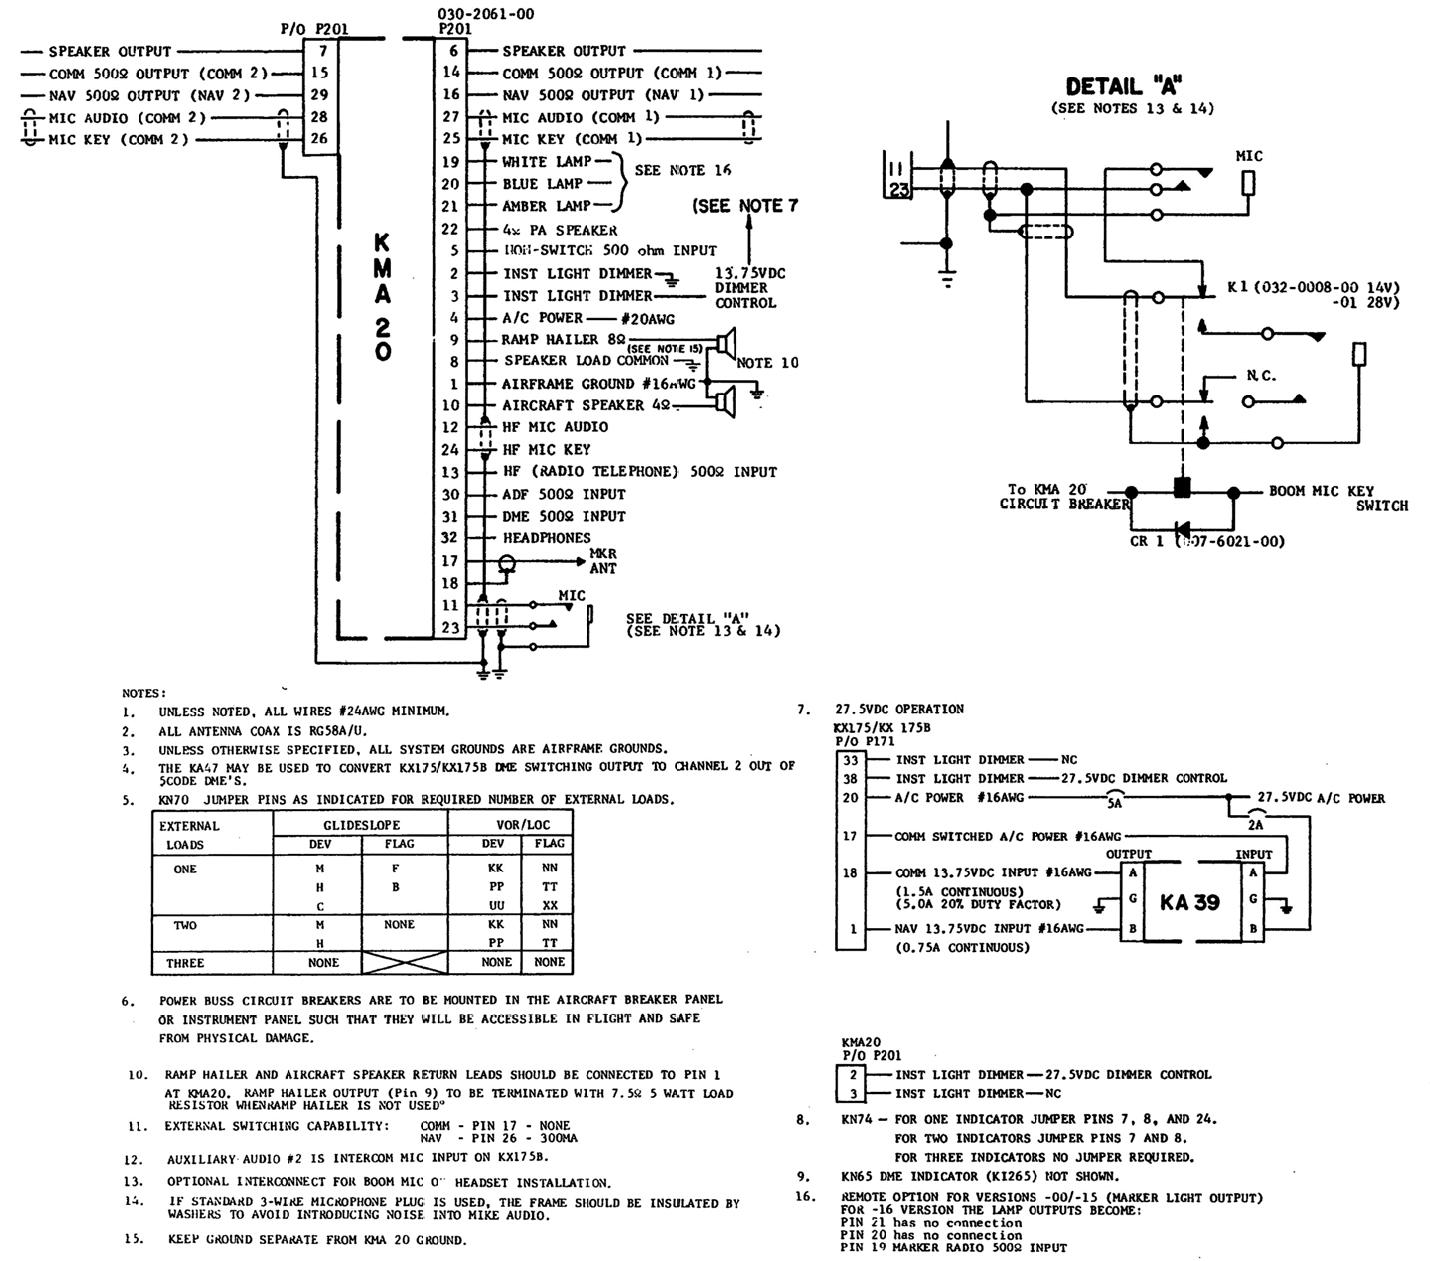 cessna 172 audio panel wiring diagram: cessna 172 generator wiring diagram  - best wiring diagram